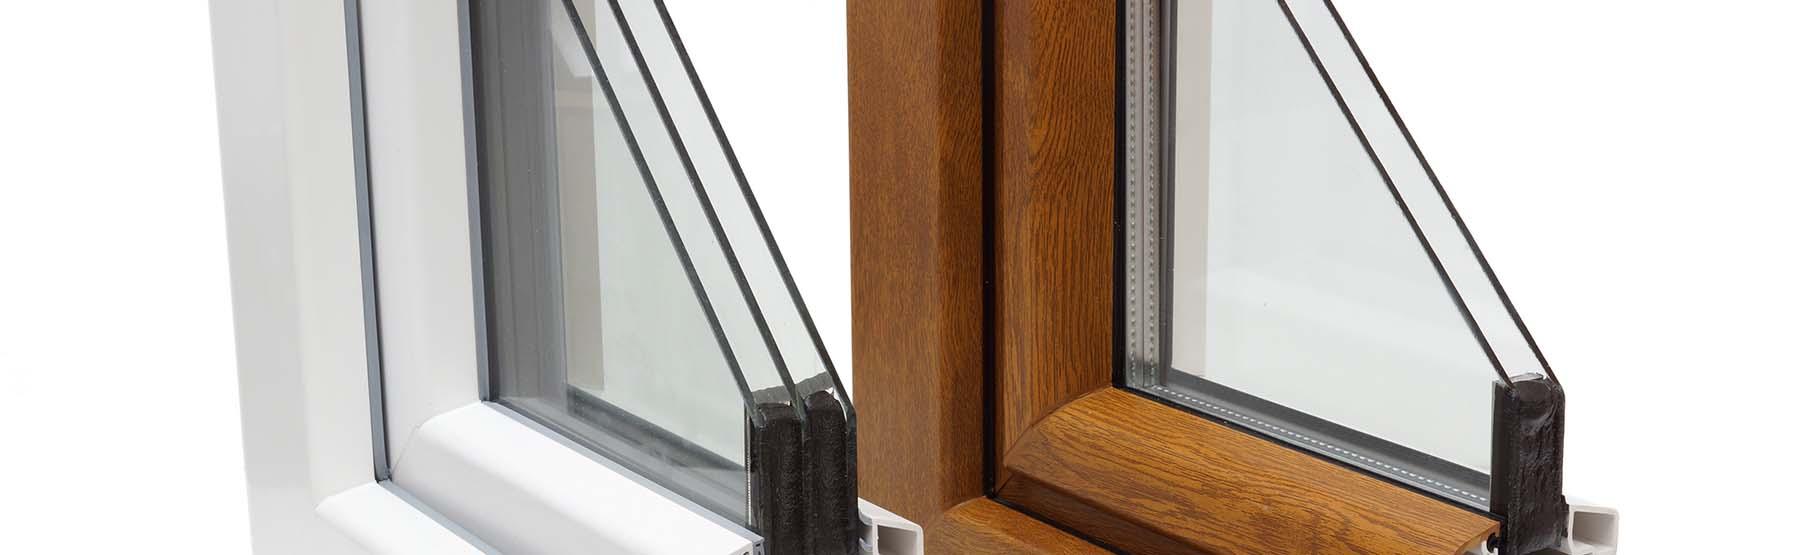 راهنمای خرید پنجره های دو جداره